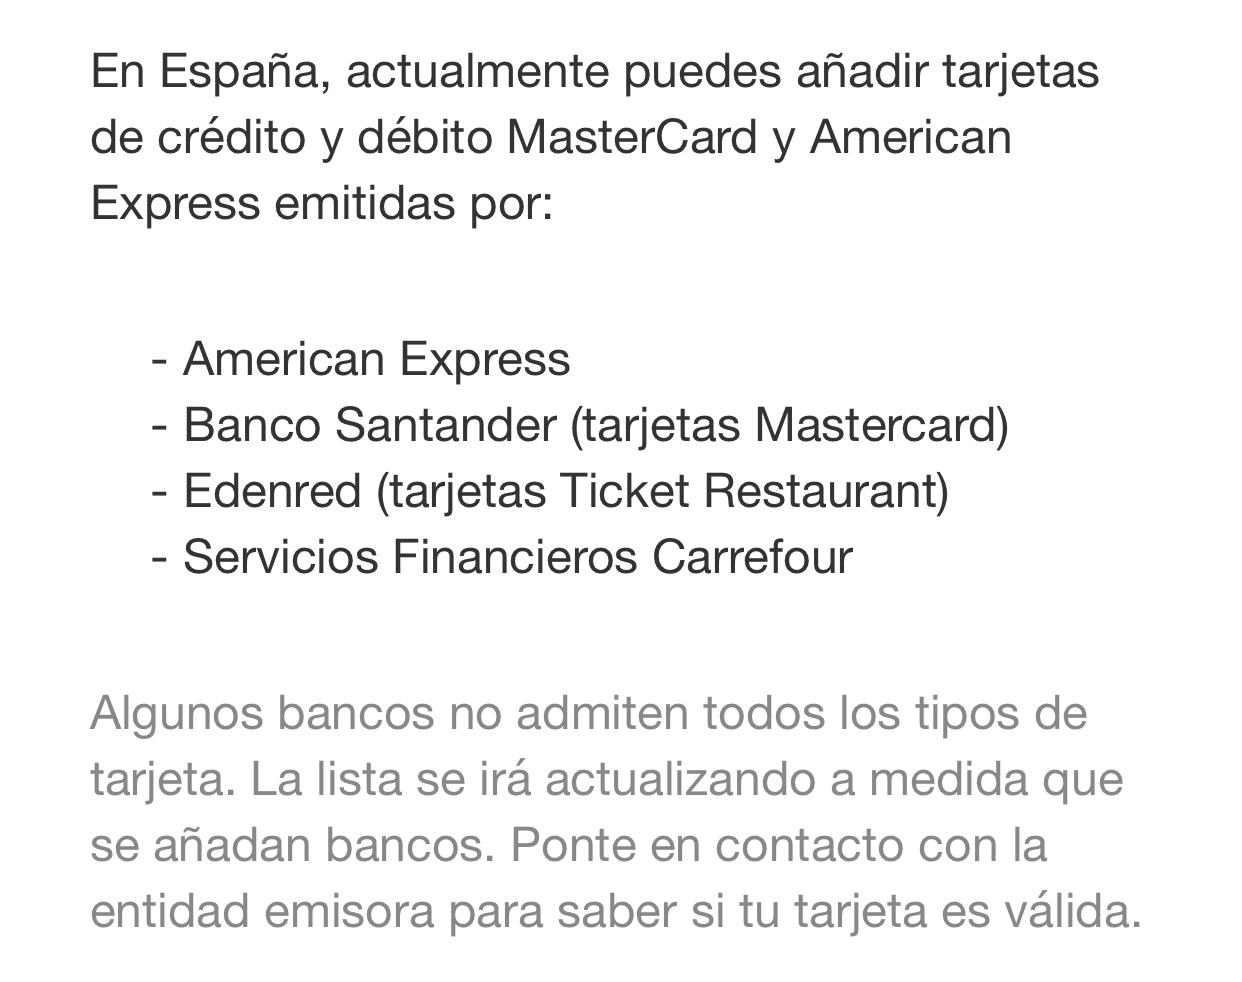 Tarjetas admitidas en Apple Pay España en Diciembre 2016